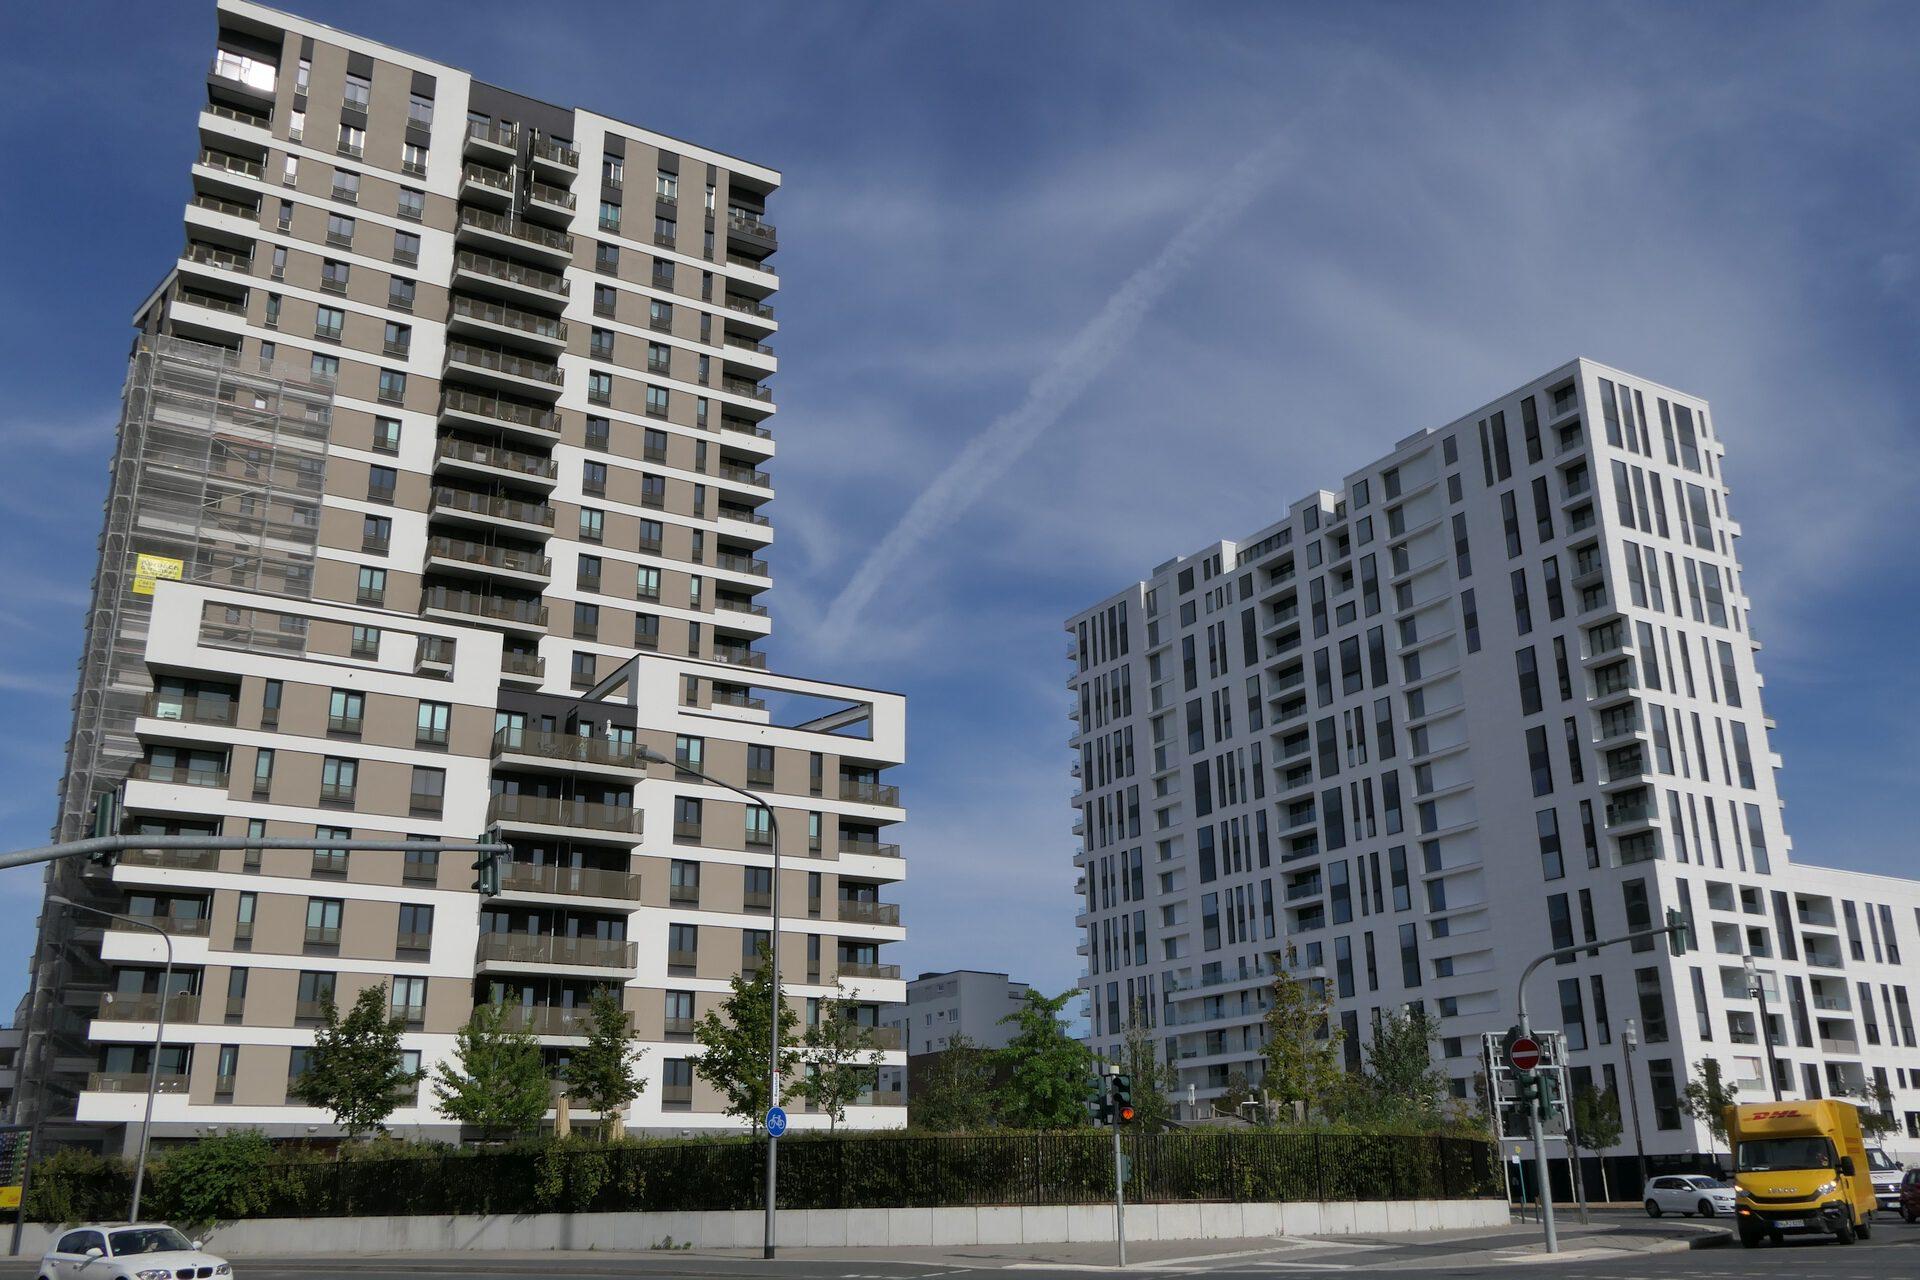 AXIS und Westend Tower im Europaviertel (Gallus) in Frankfurt am Main